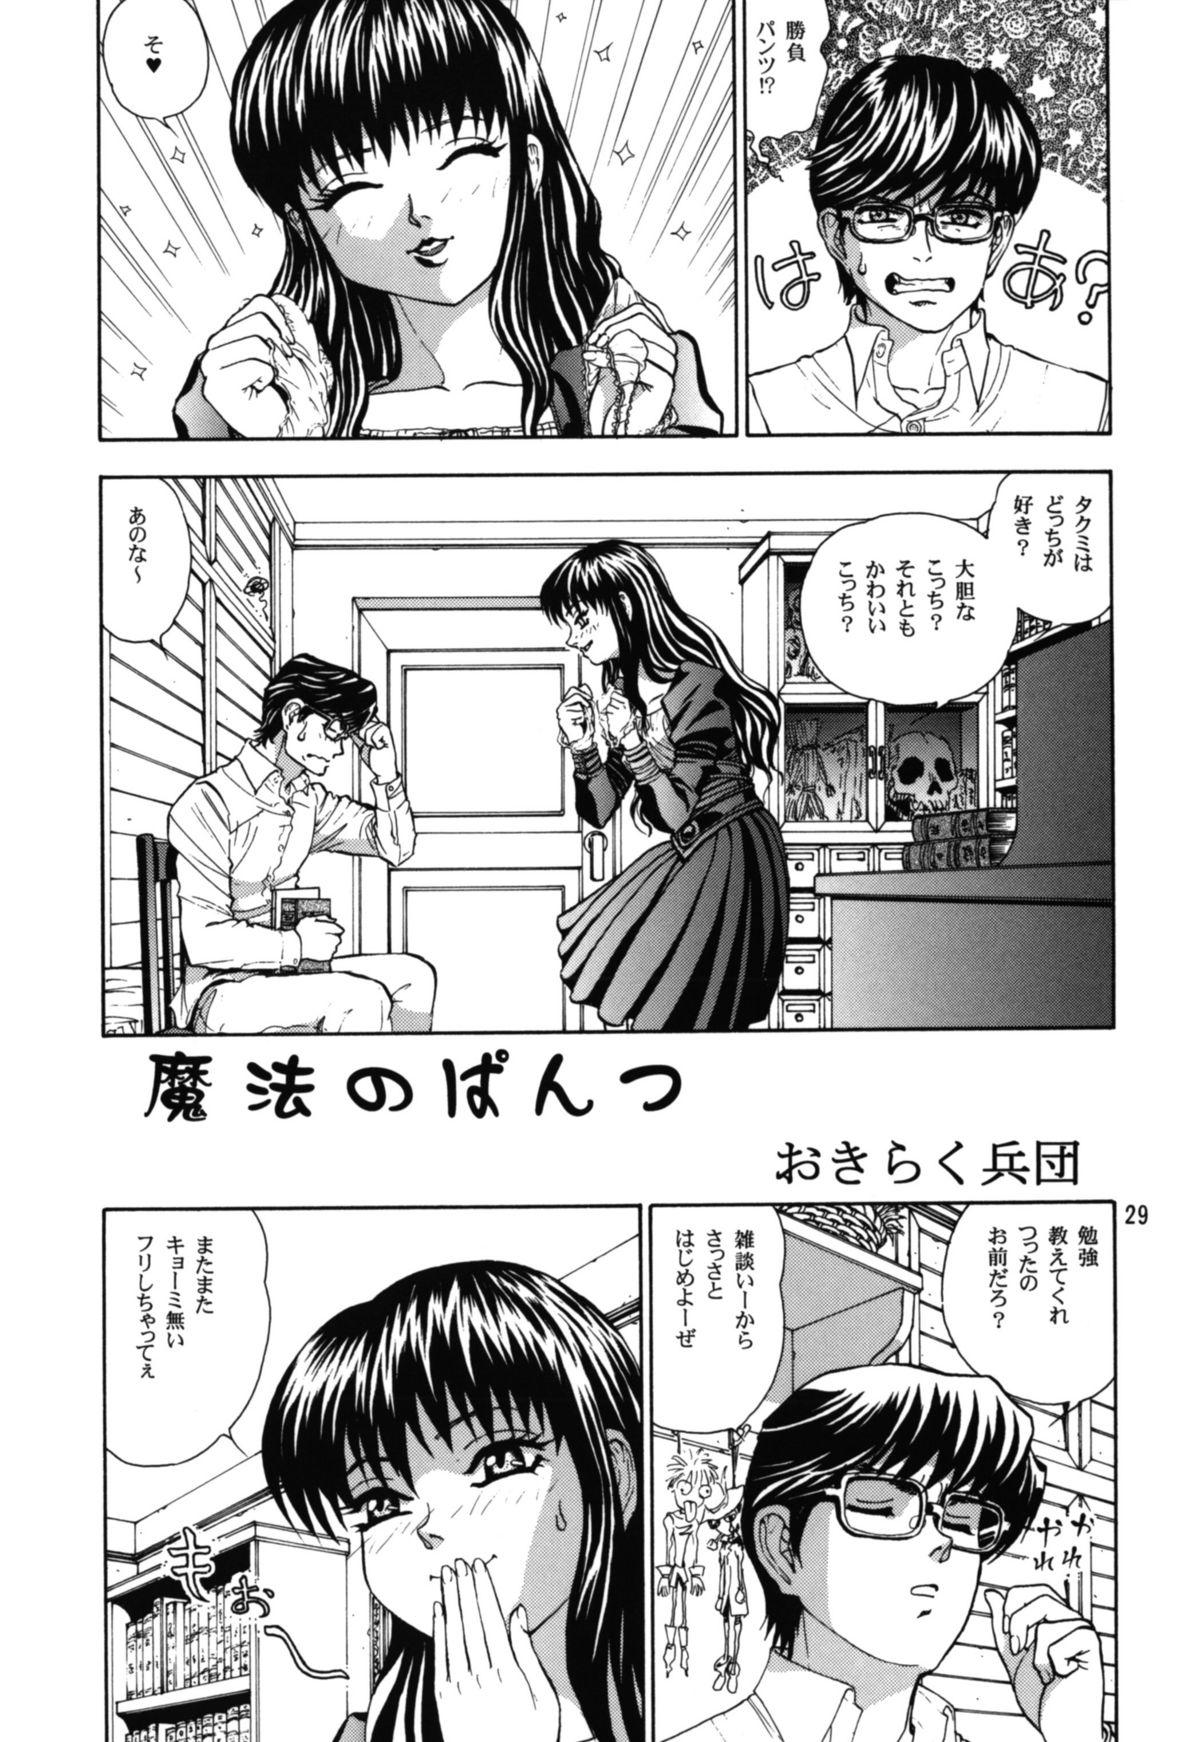 Majokko Anthology Kyouetsu Shigoku 28